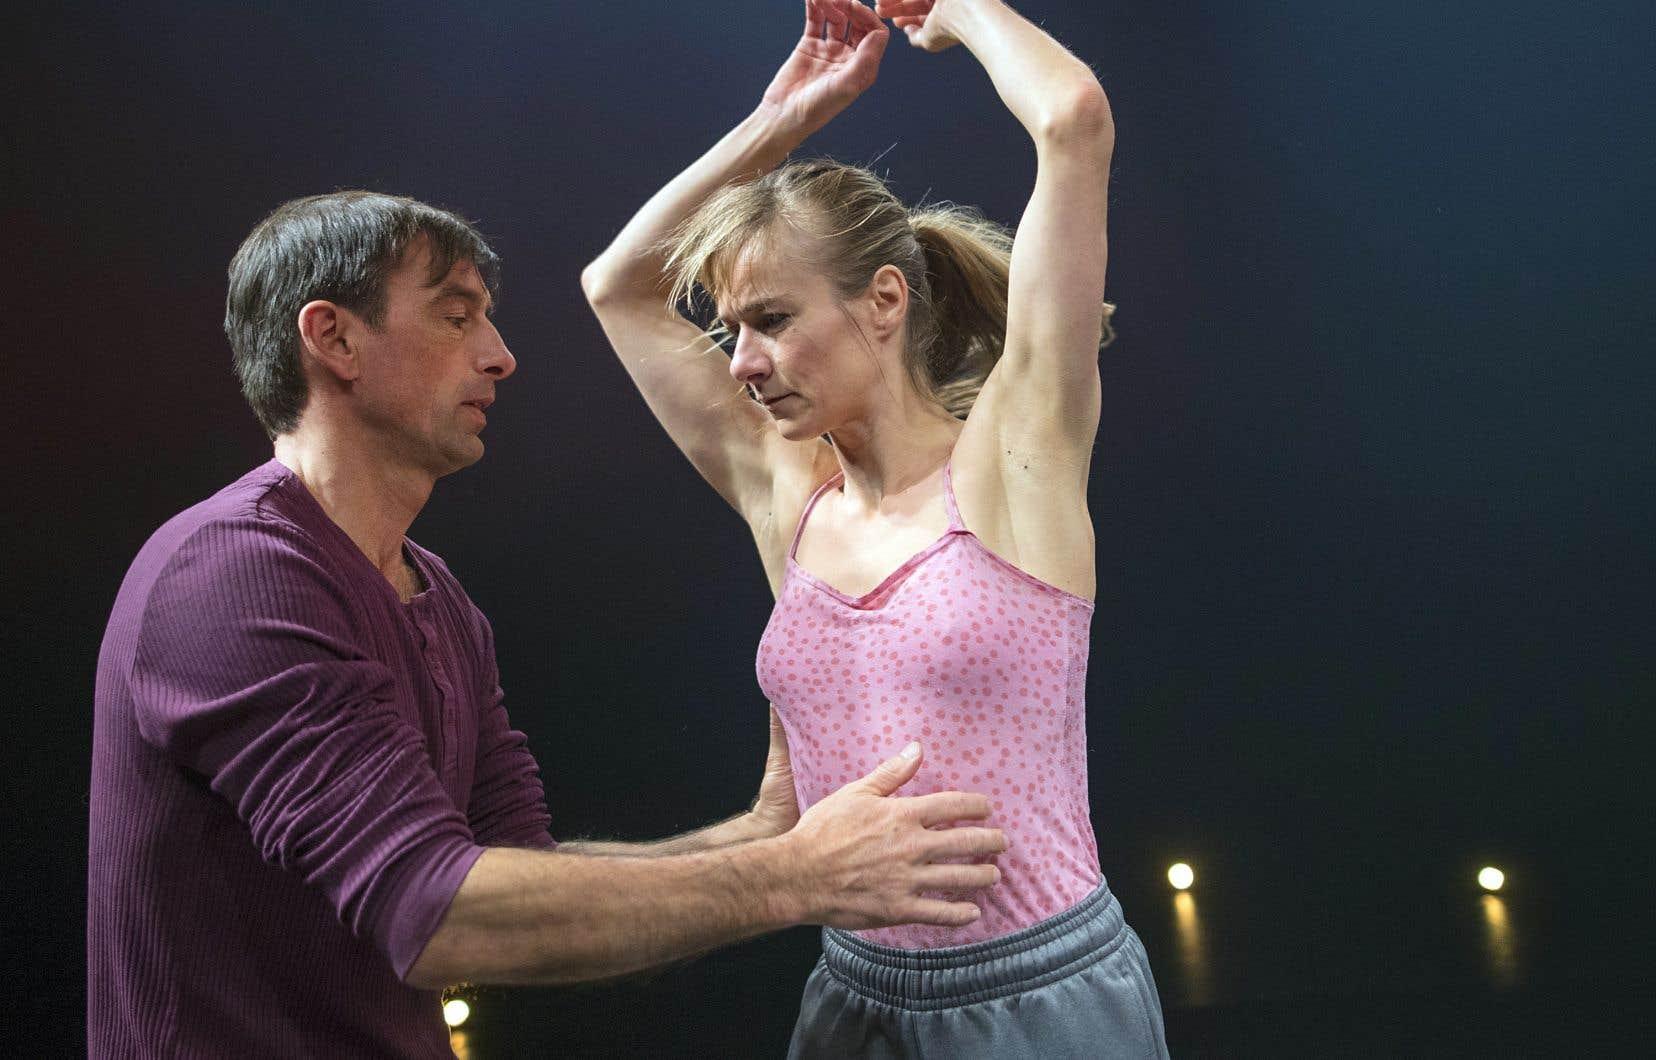 Sylvain Lafortune, un des spécialistes des portés au Québec, enseigne dans les écoles de danse professionnelles, assisté depuis une décennie par Esther Rousseau-Morin.